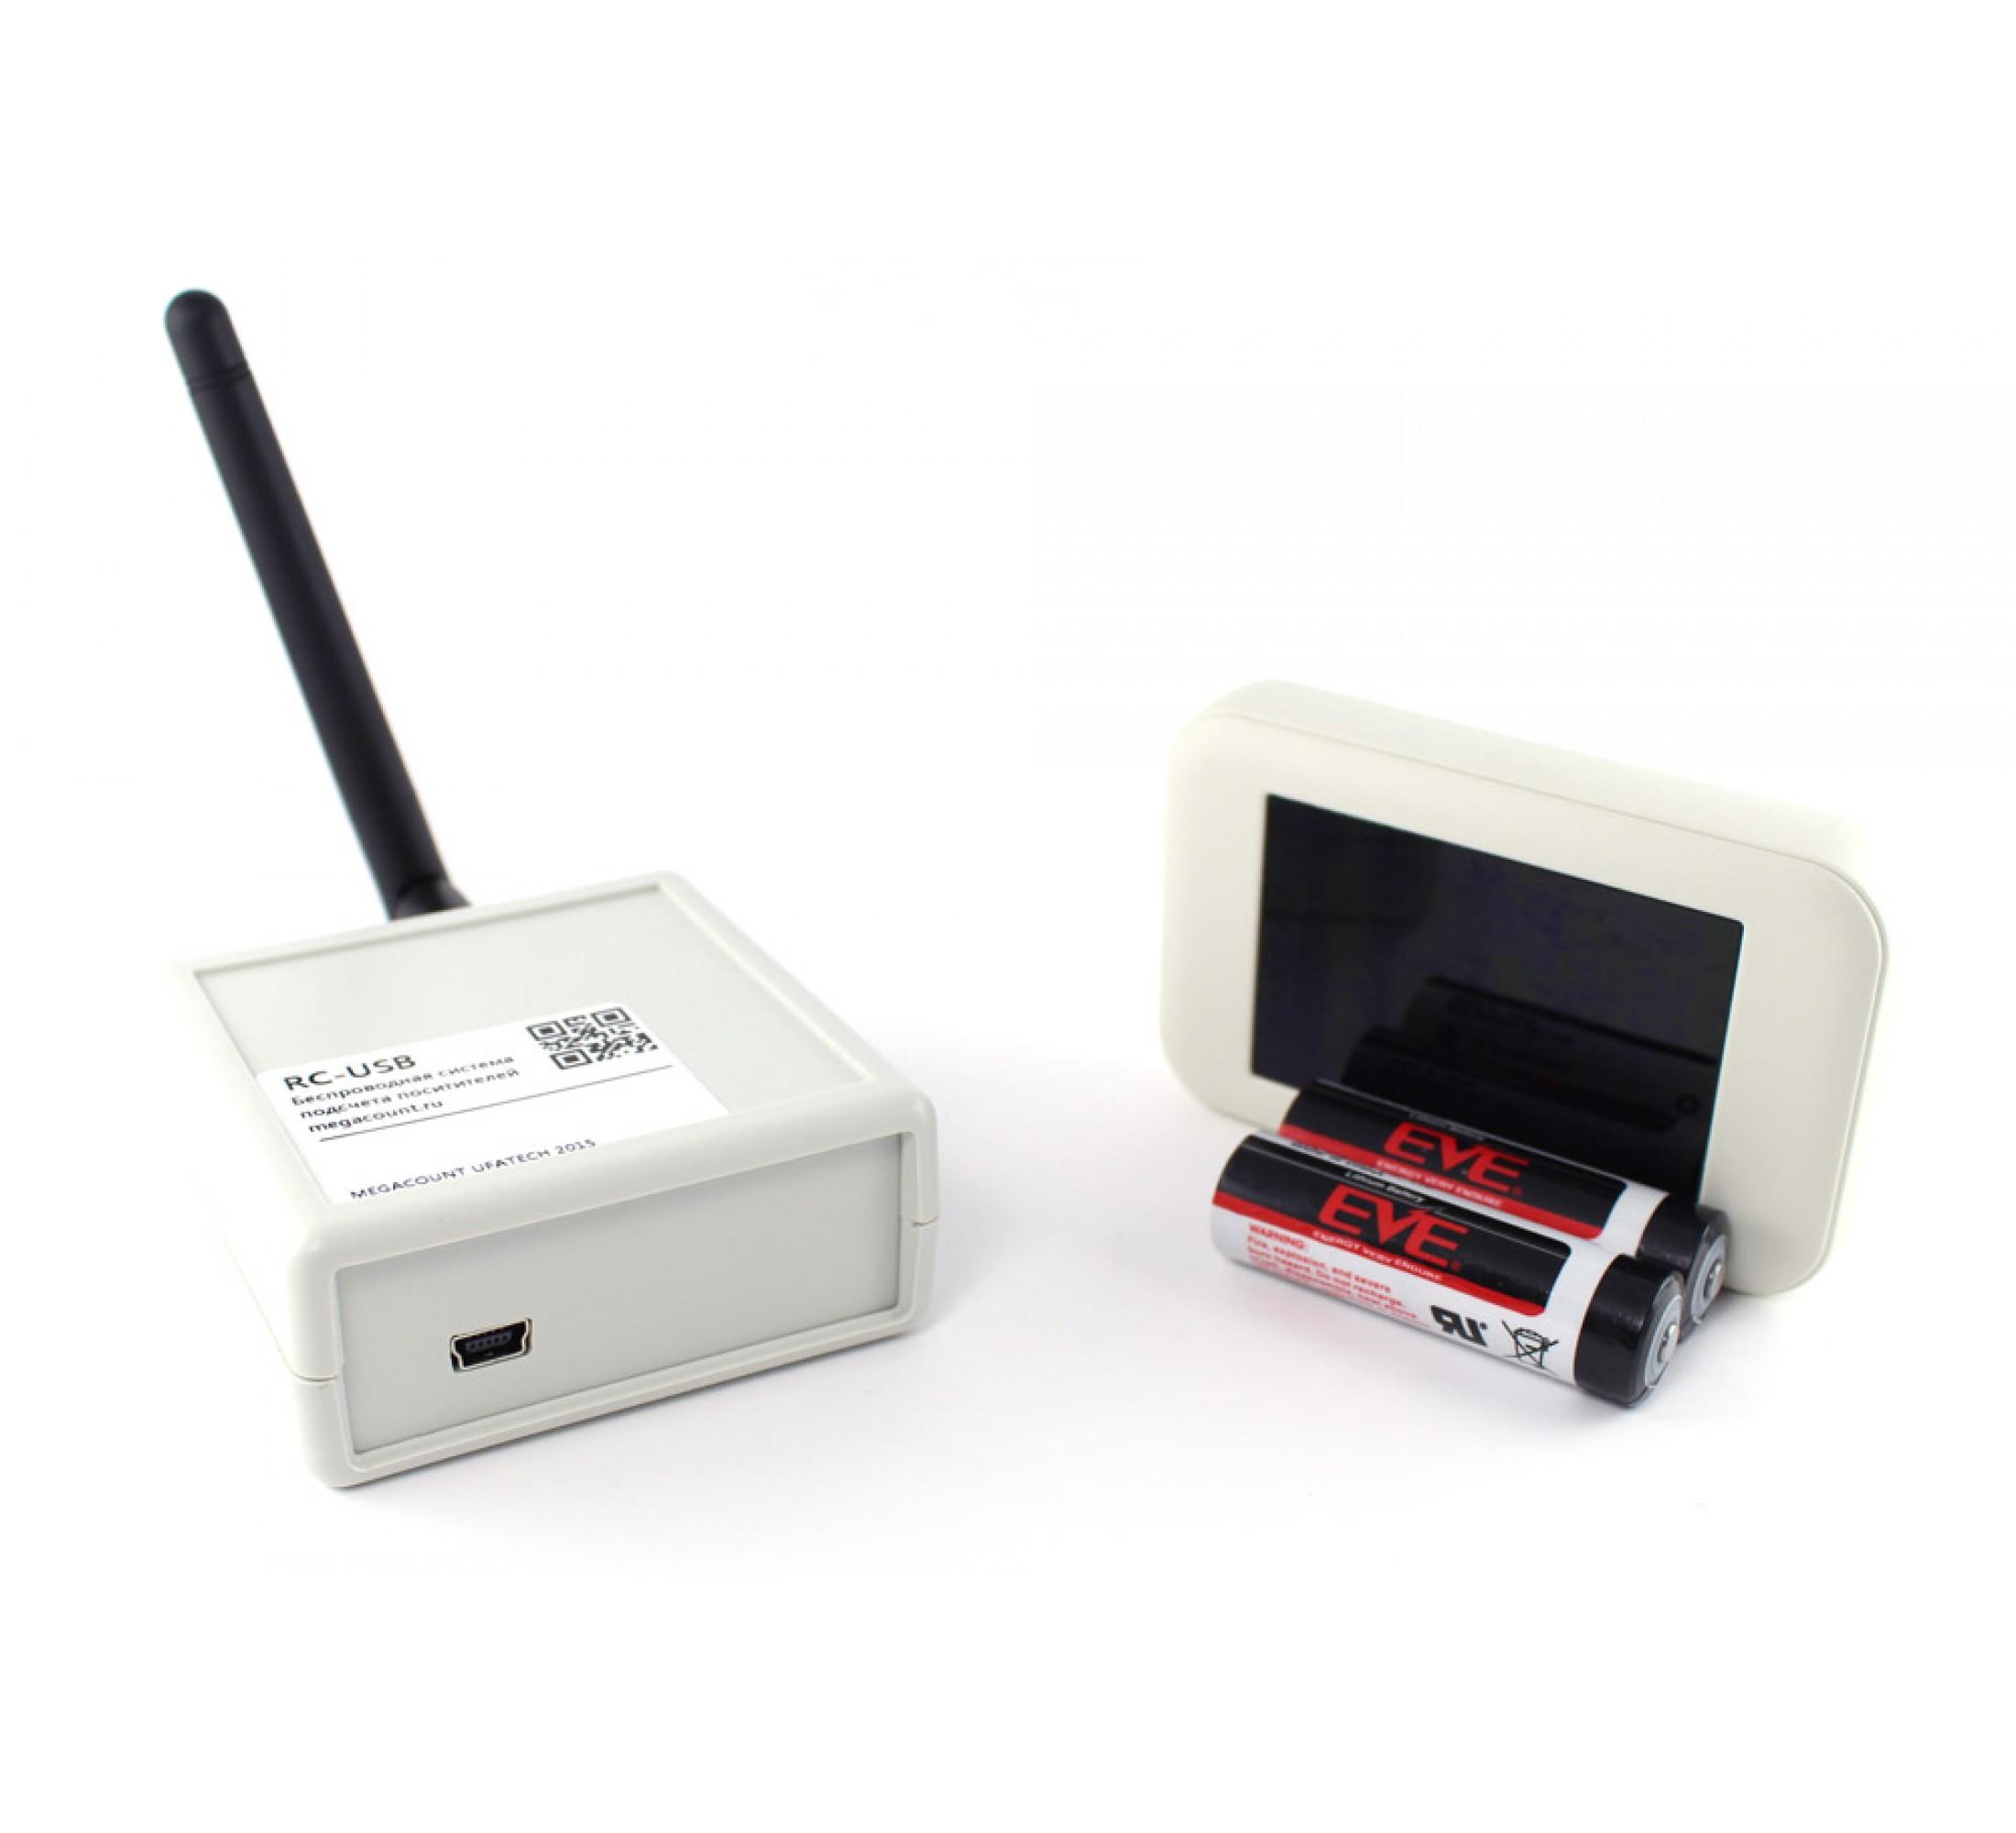 Счетчик посетителей проводной.  Сенсоры MCount, USB модуль связи, блок питания, провода, кронштейны, ПО, Графит